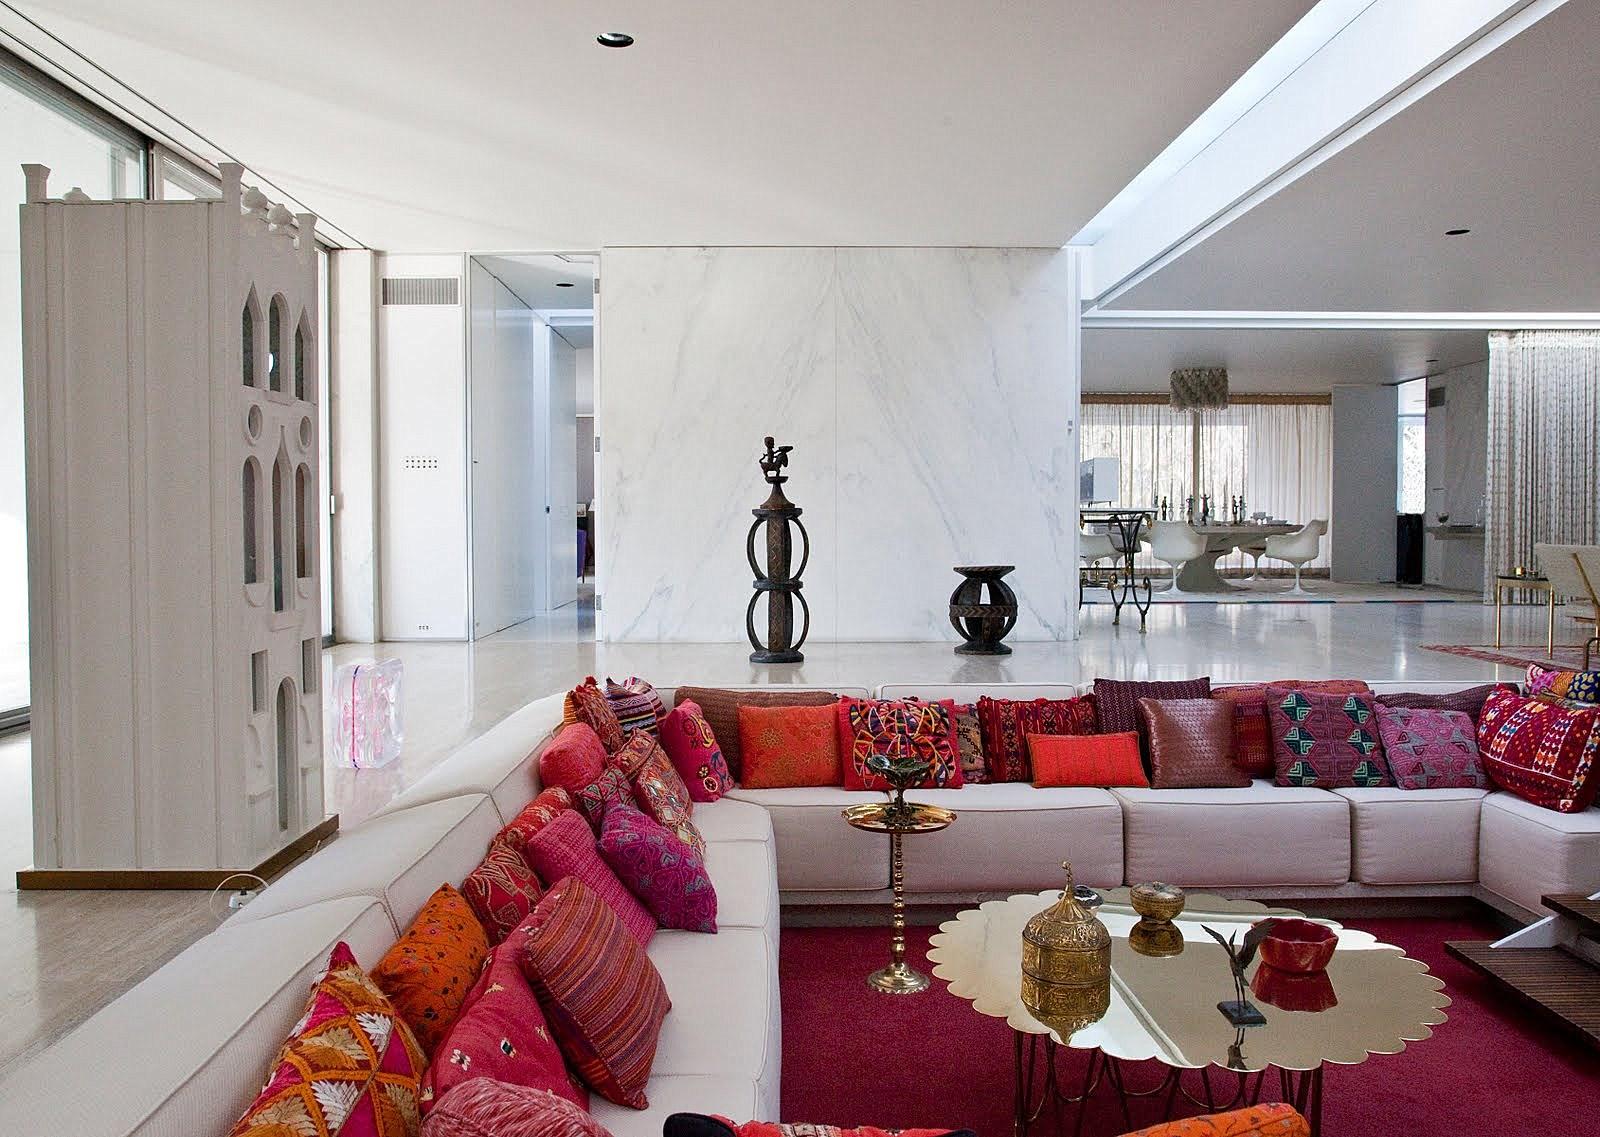 Eero Saarinen's Miller Residence